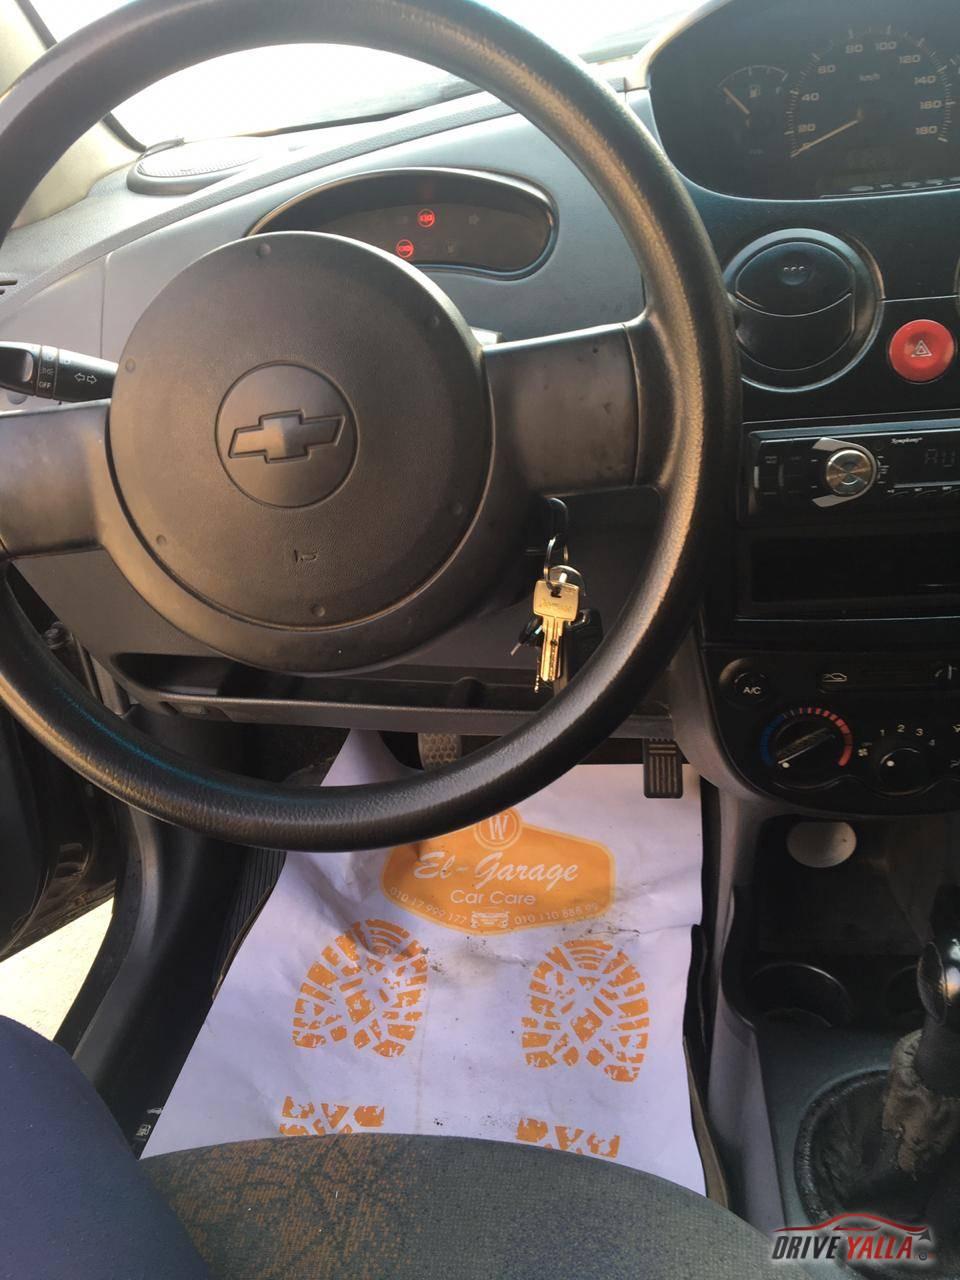 سيارة شيفورلية 2009  سبارك فبريكه بره و جوه عداد 60 الف فقط جنوط اسبور ياباني